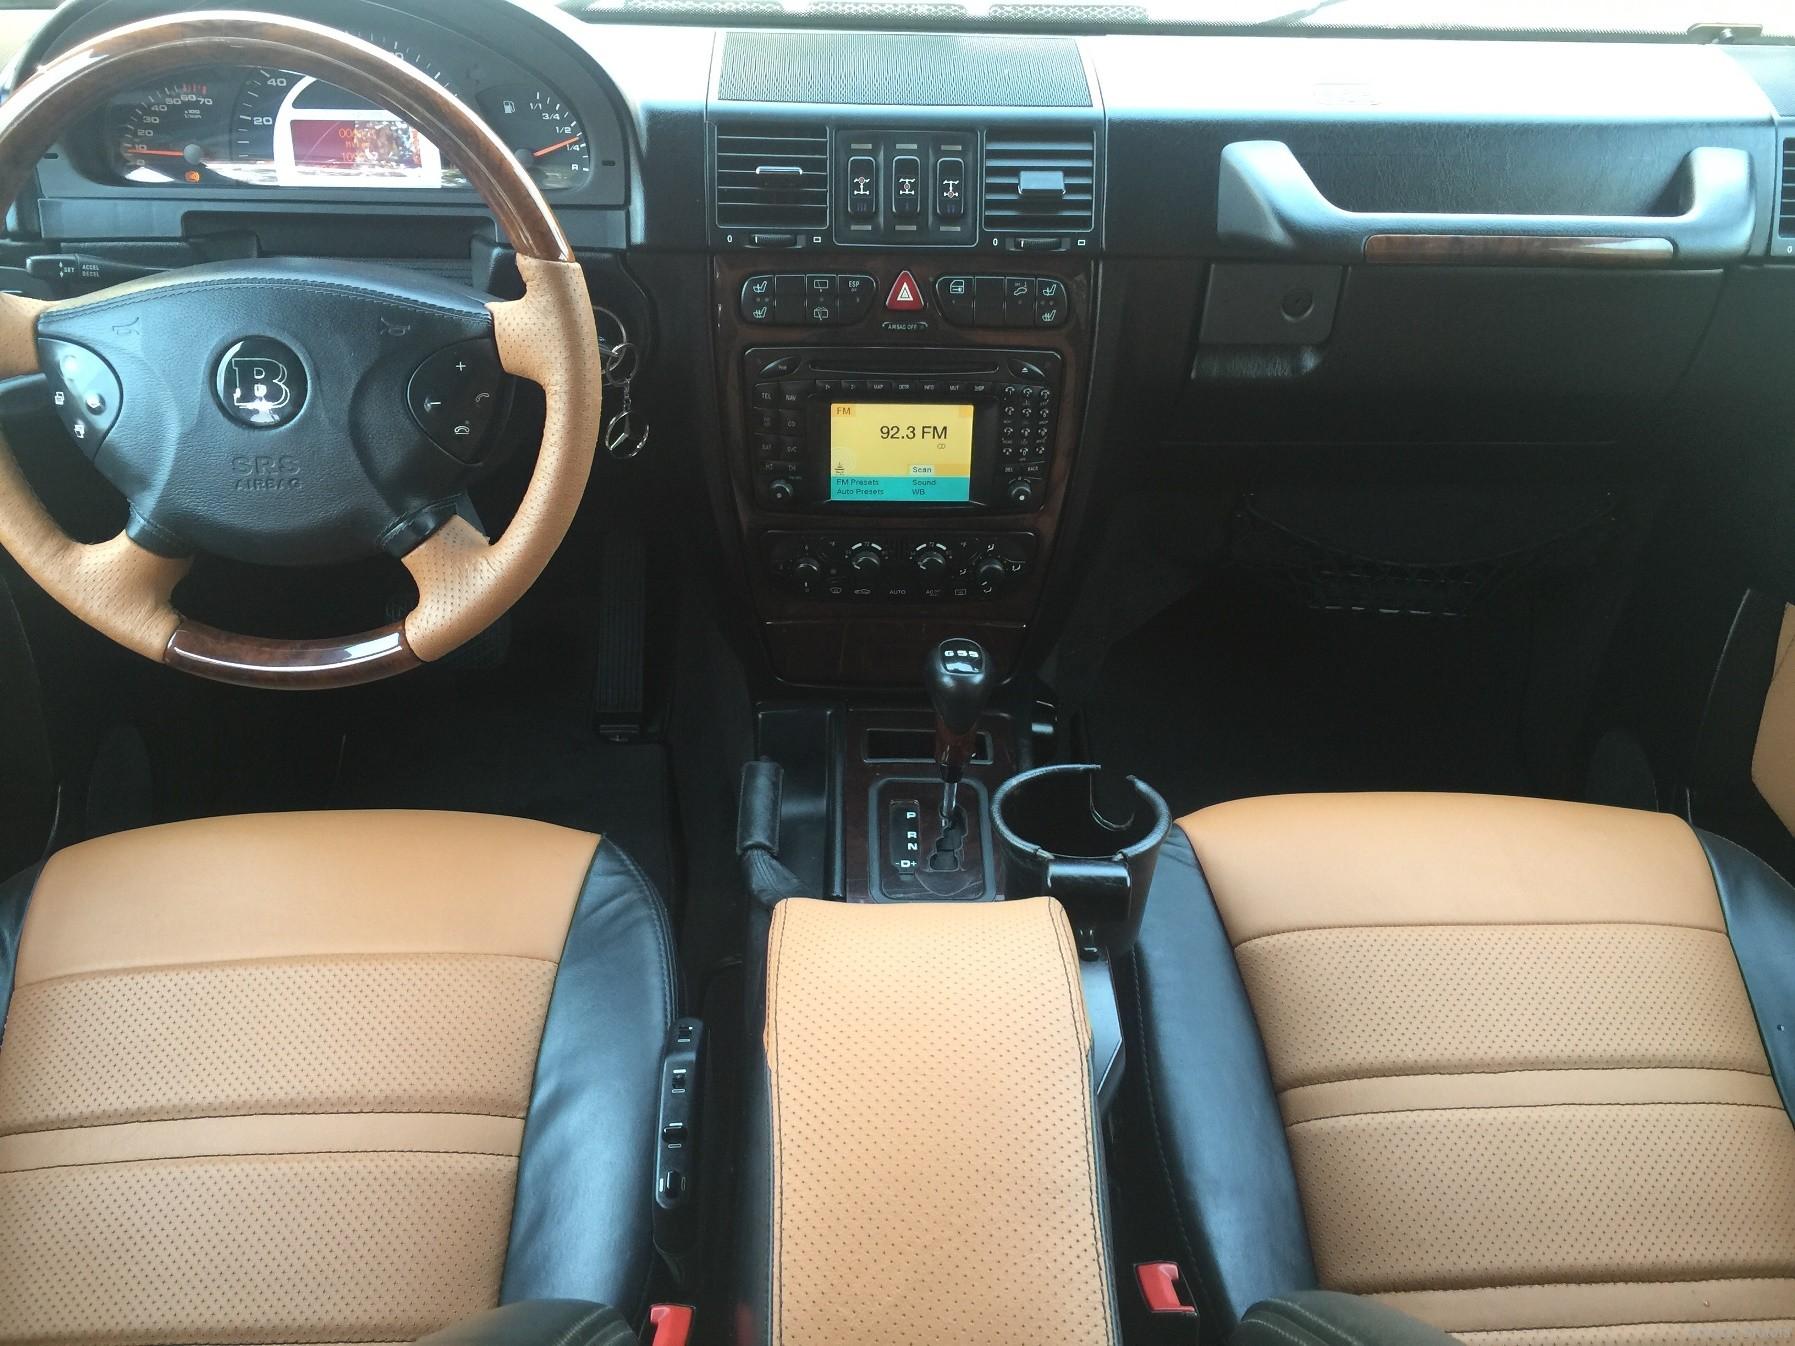 2004 mercedes benz g55 black g55 g550 amg brabus widestar gwagon wald black bison hamann - Mercedes G Class 66